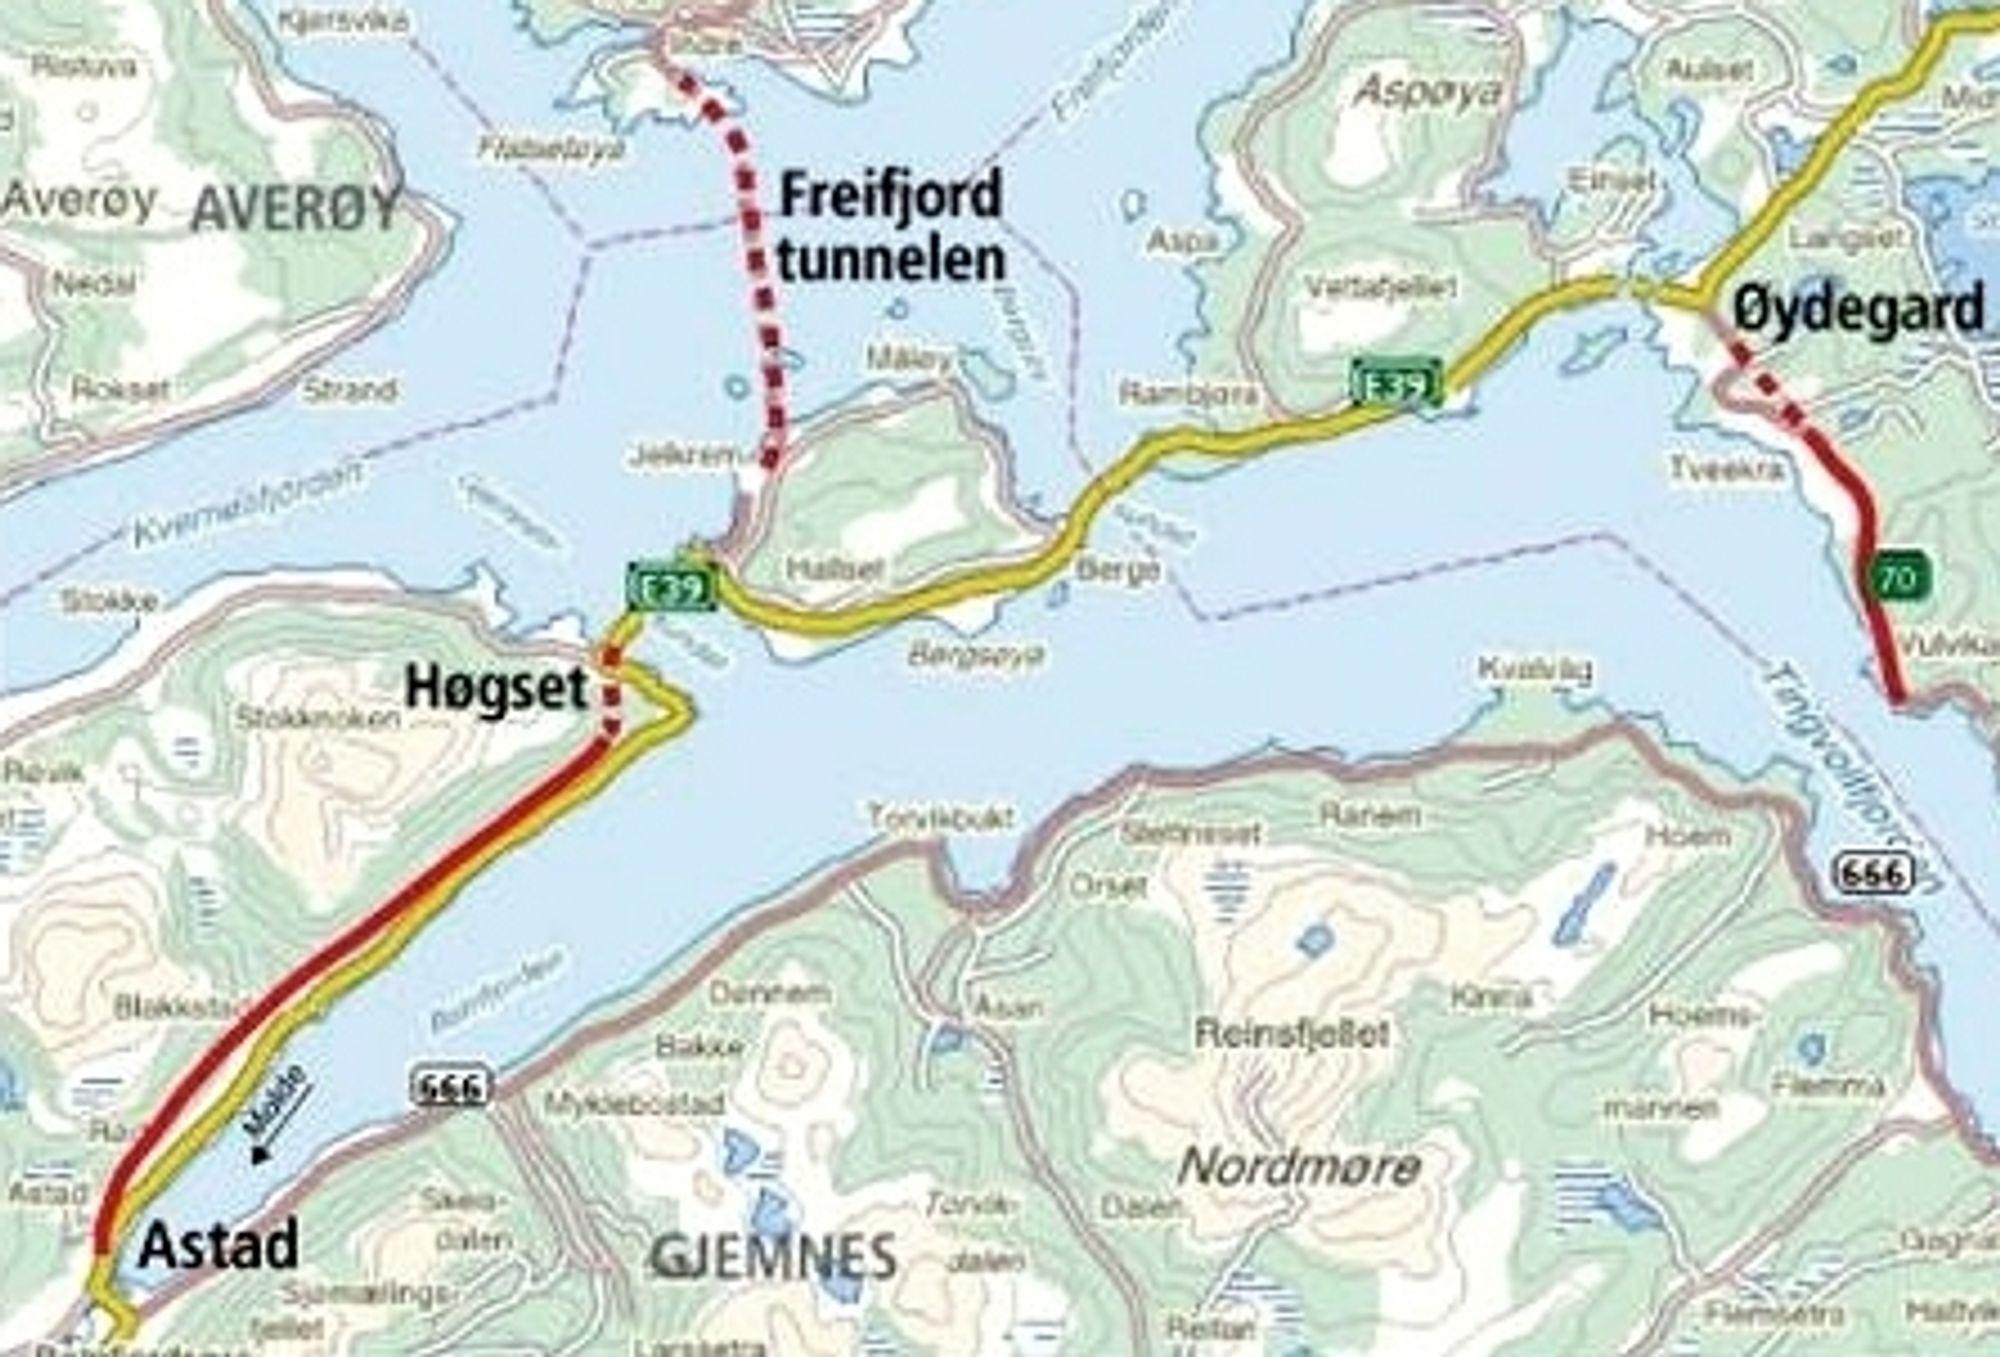 Innen 2. mai vil Vegvesenet ha pris på en 2 150 meter lang strekning på delprosjektet Høgset-Astad på StorKrifast. (Ill.: Statens vegvesen)